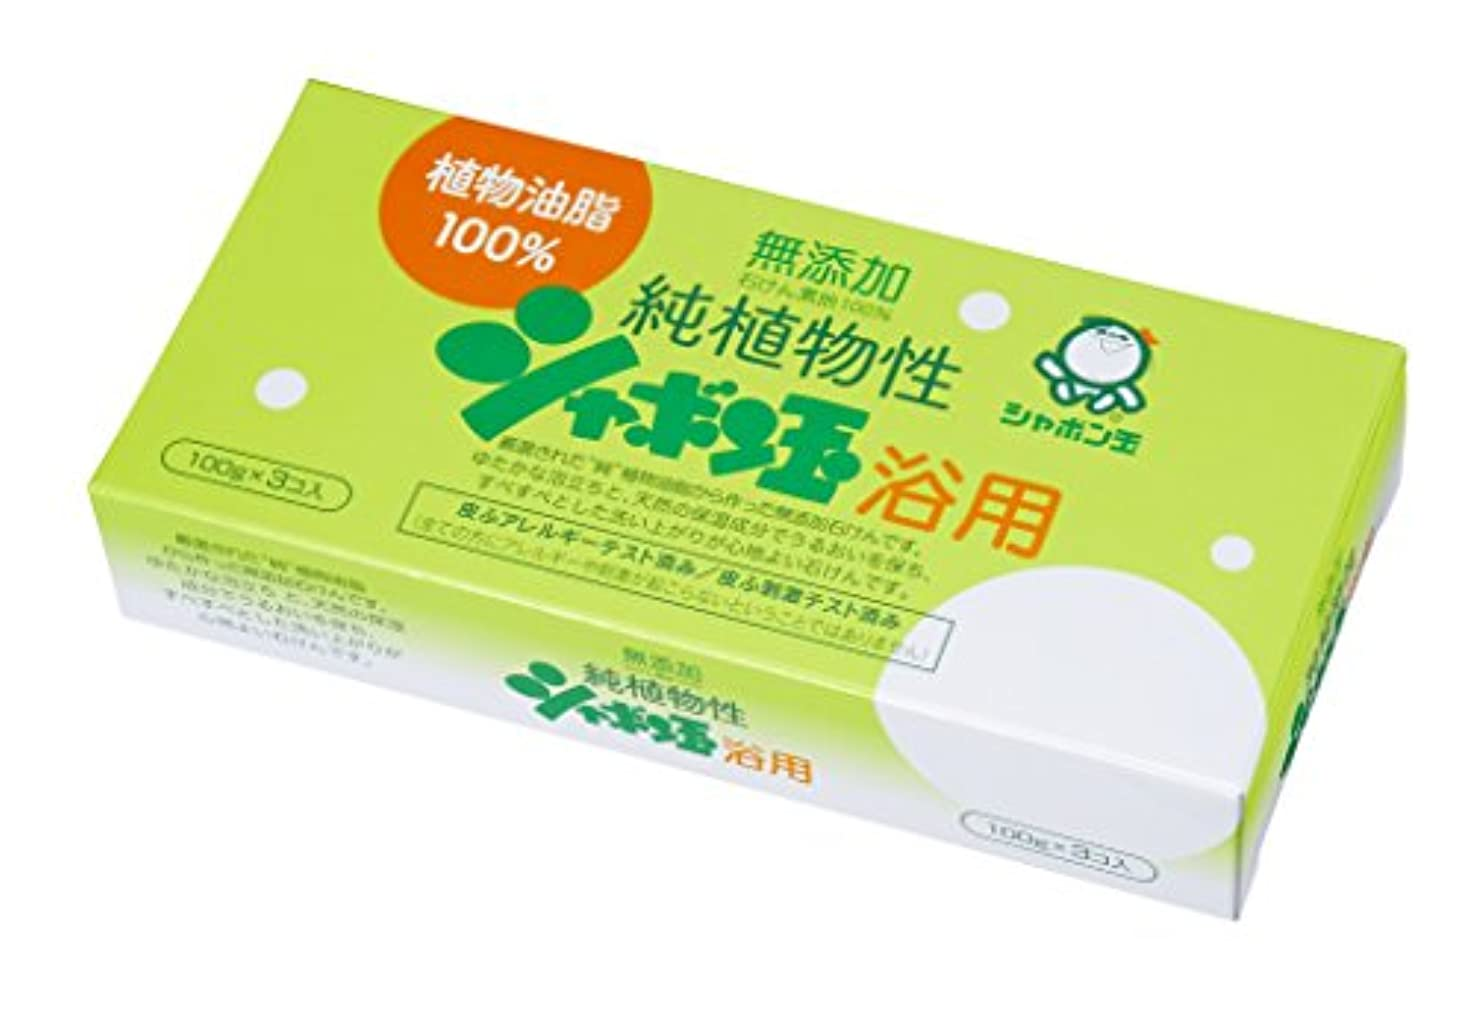 不合格伝統的軽蔑シャボン玉 無添加せっけん 純植物性シャボン玉 浴用 100g×3個入り